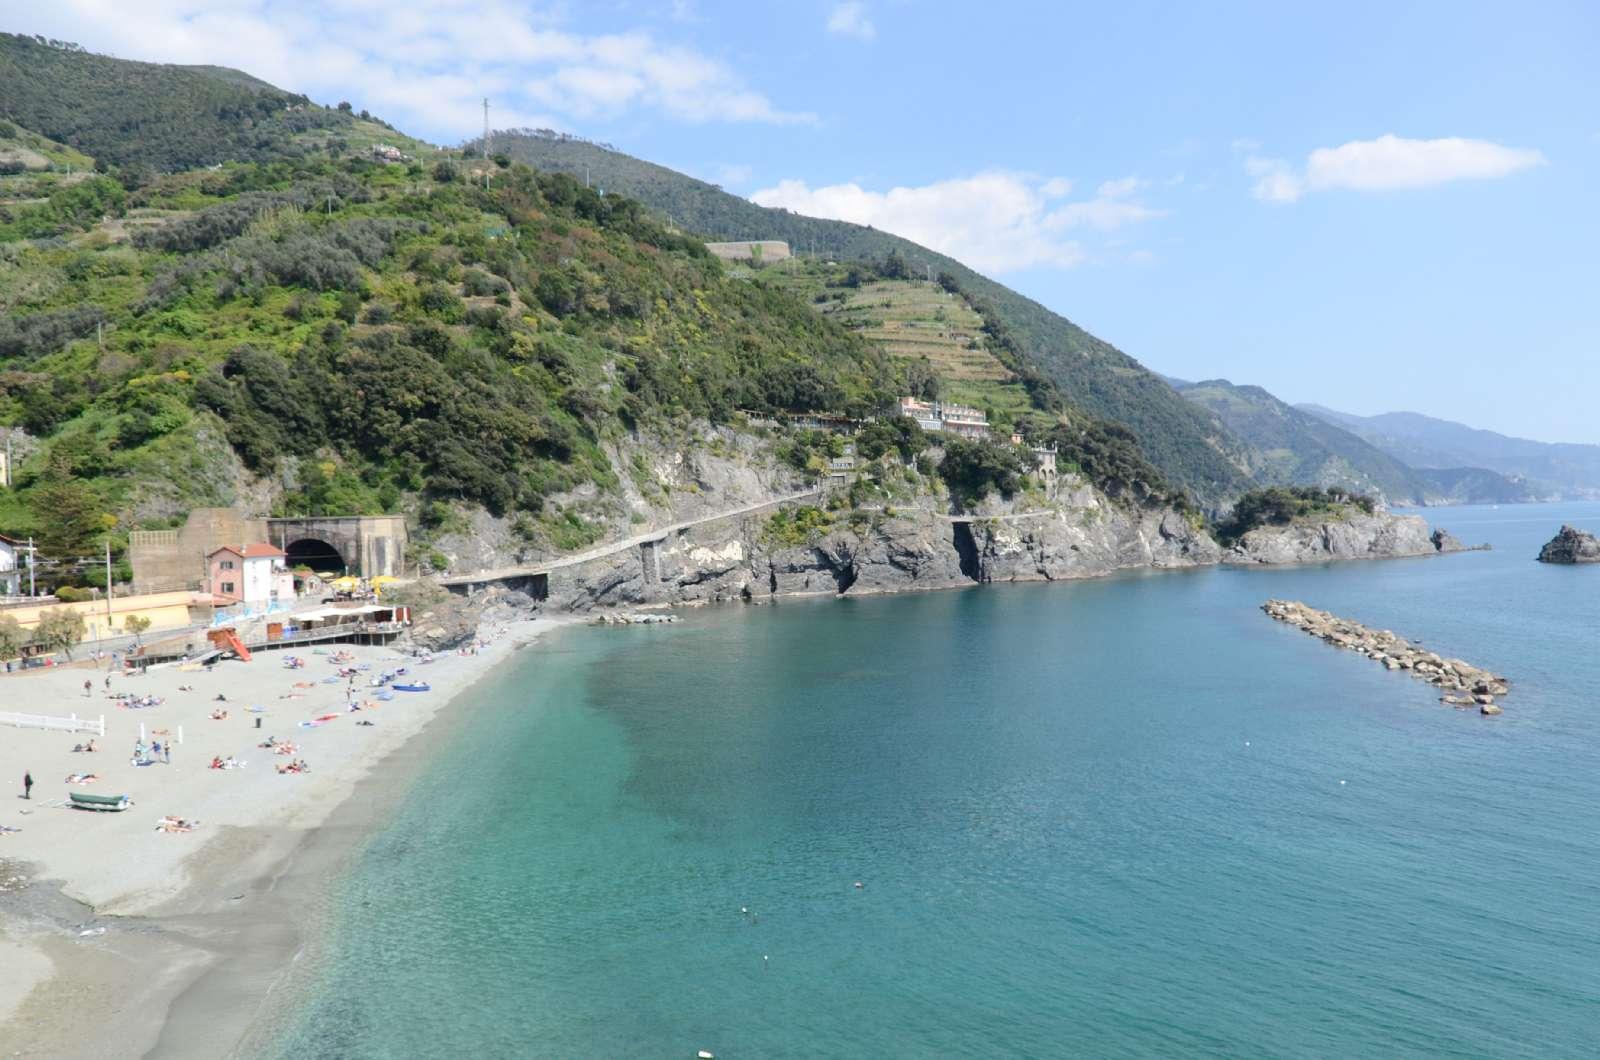 Cinque Terre är en blandning av klippor och sandstrand